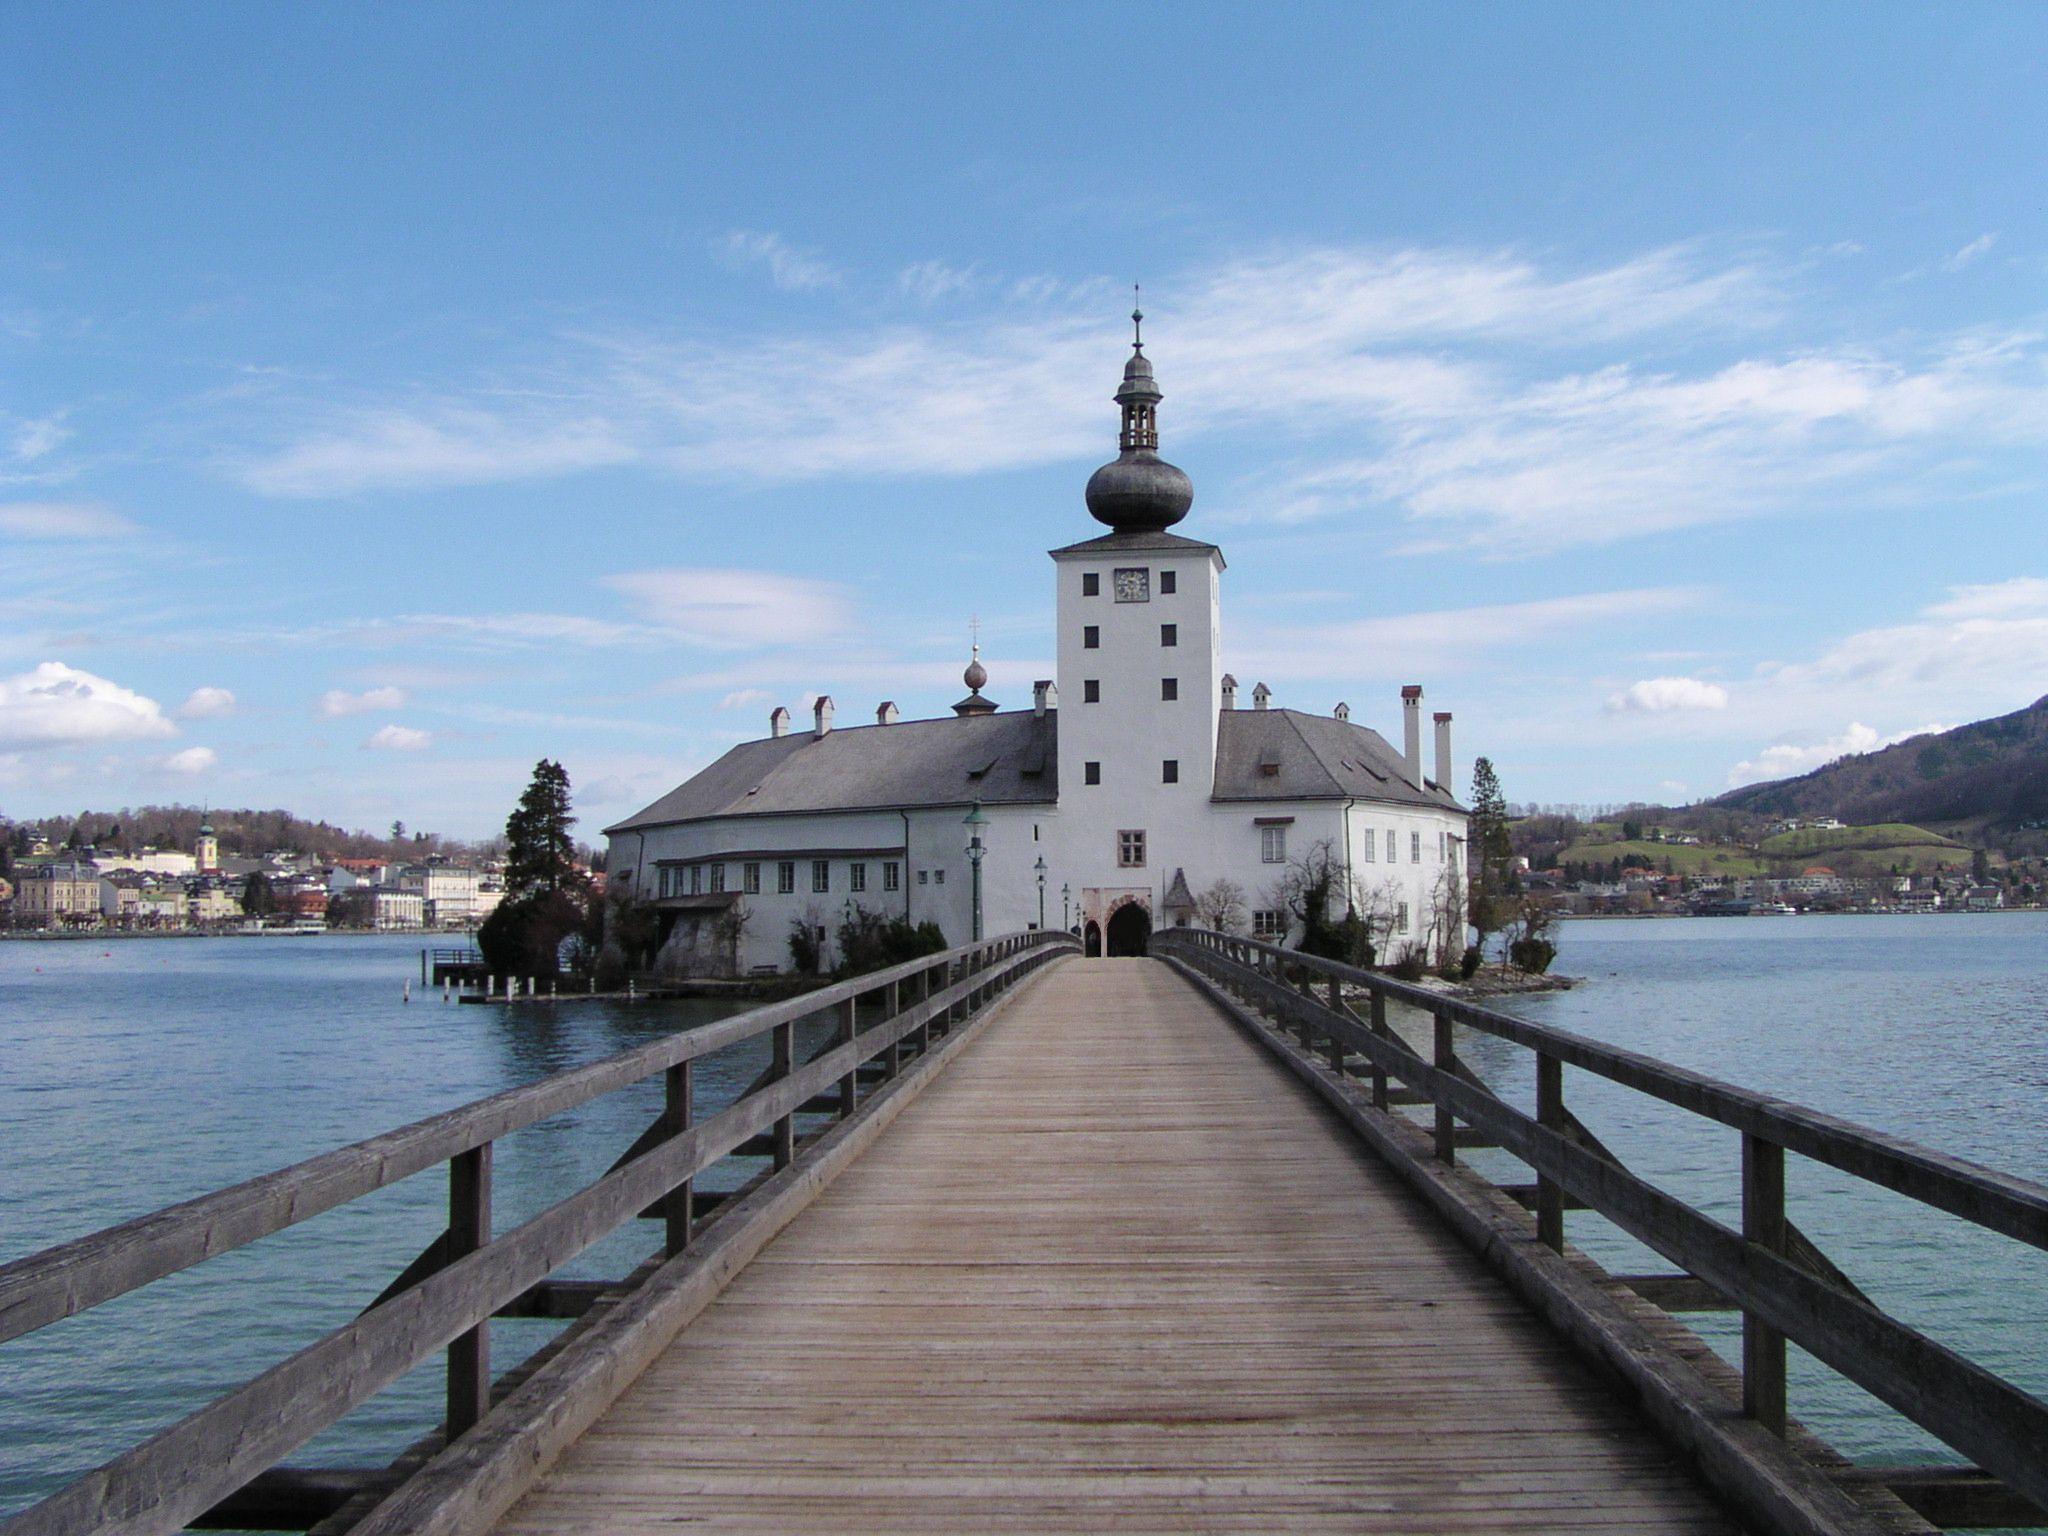 Das Schloss Ort heißt im Film Schloss Seeburg.